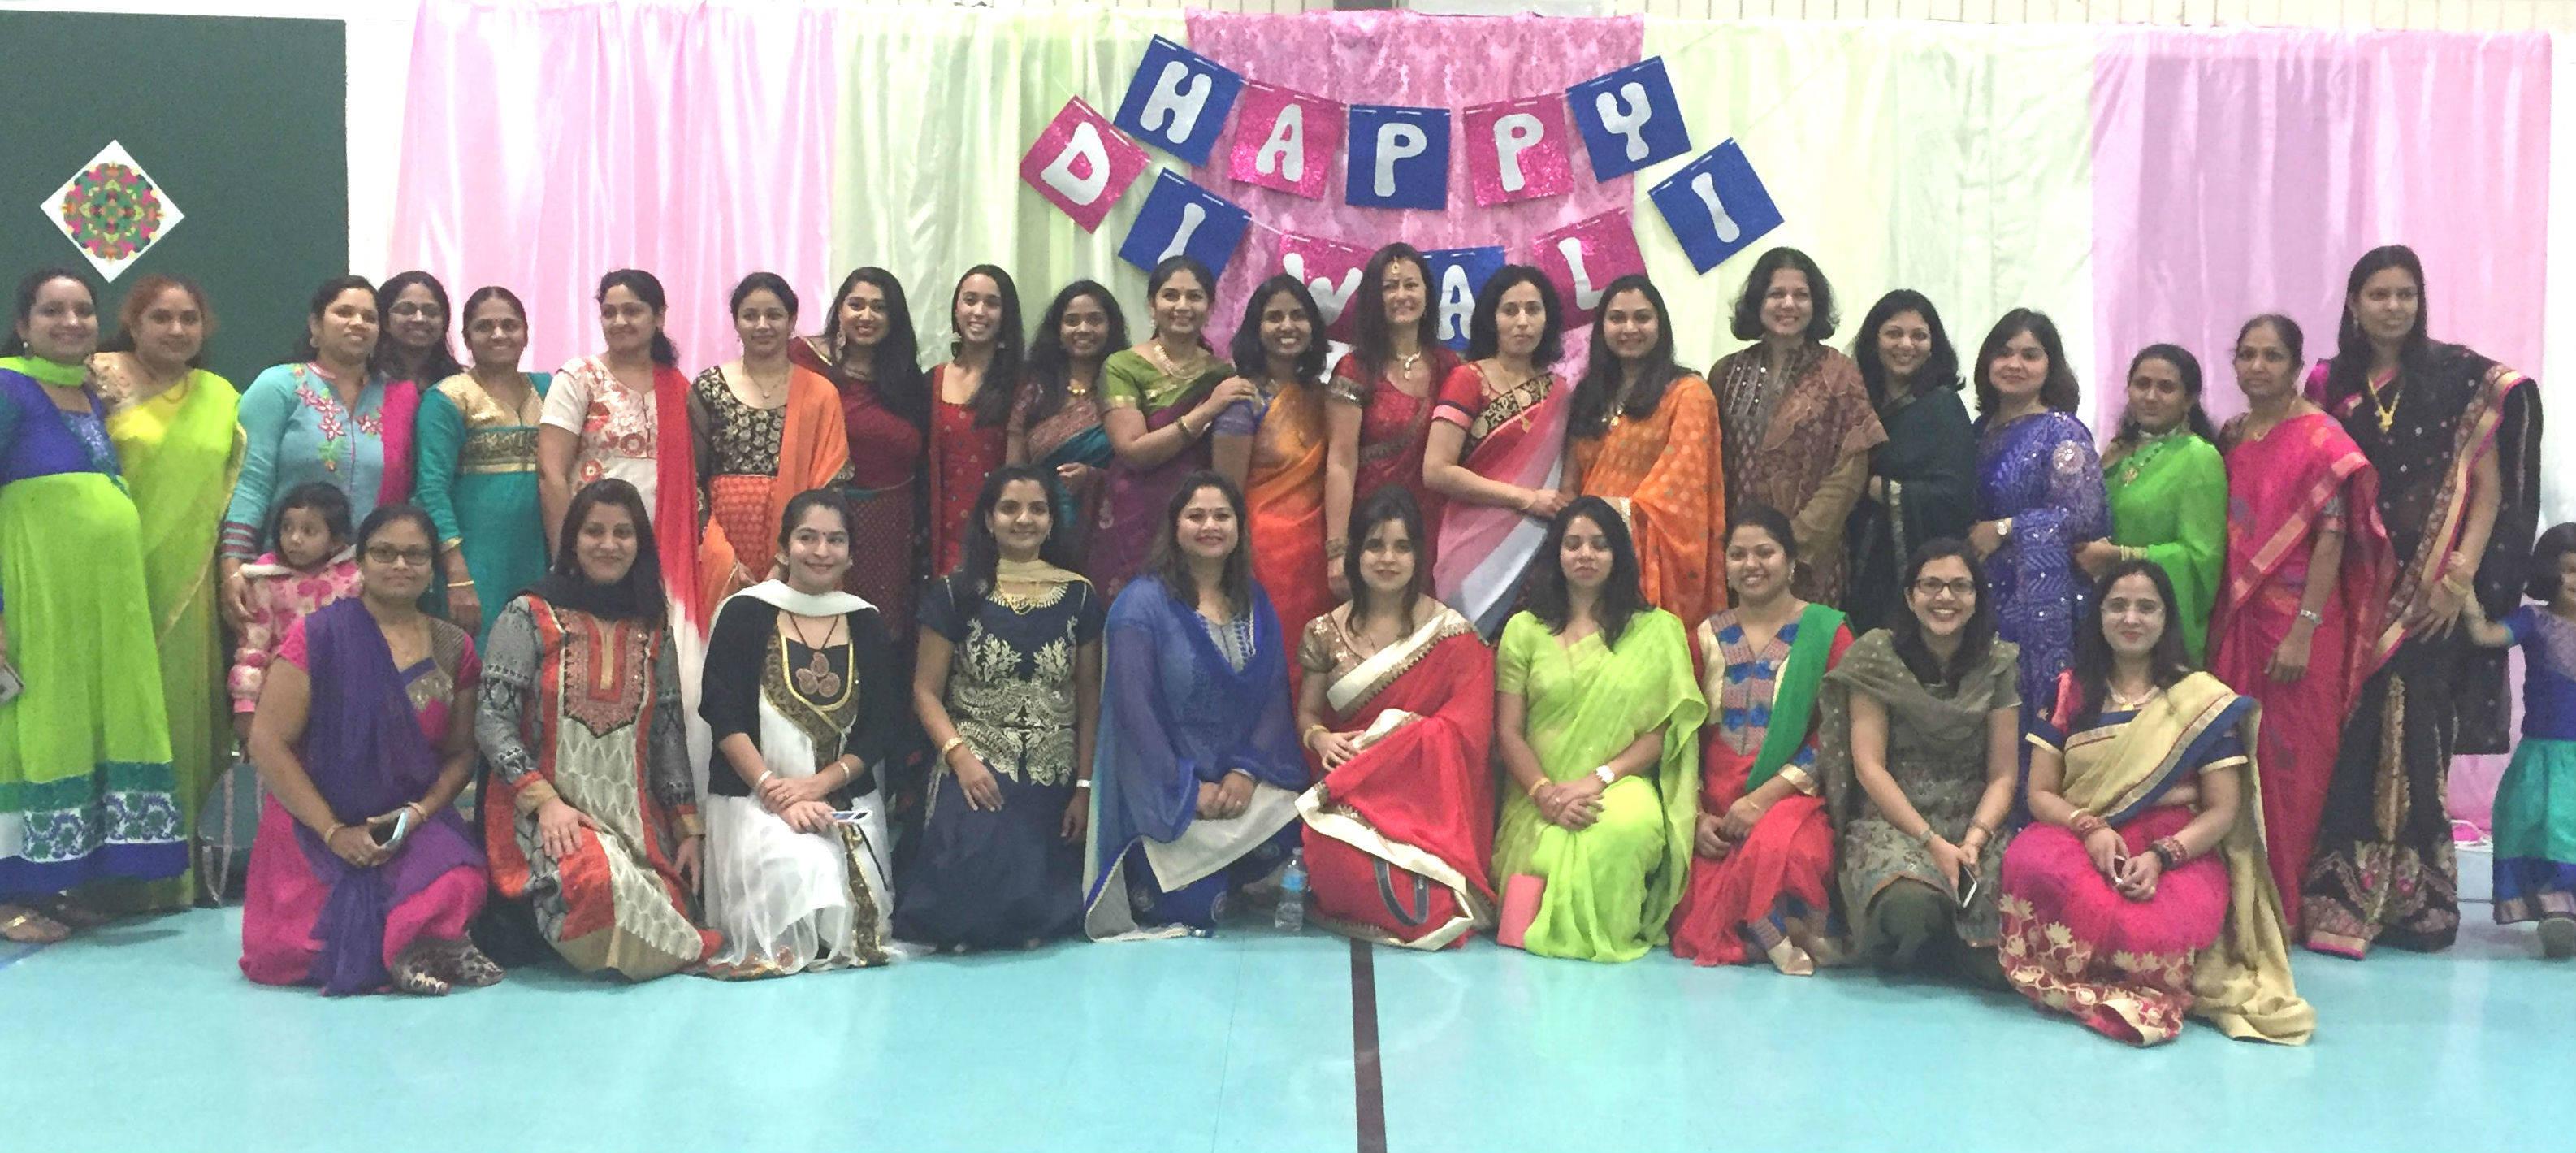 ac4fbfd251712dcaf6e5_Diwali_2a.jpg